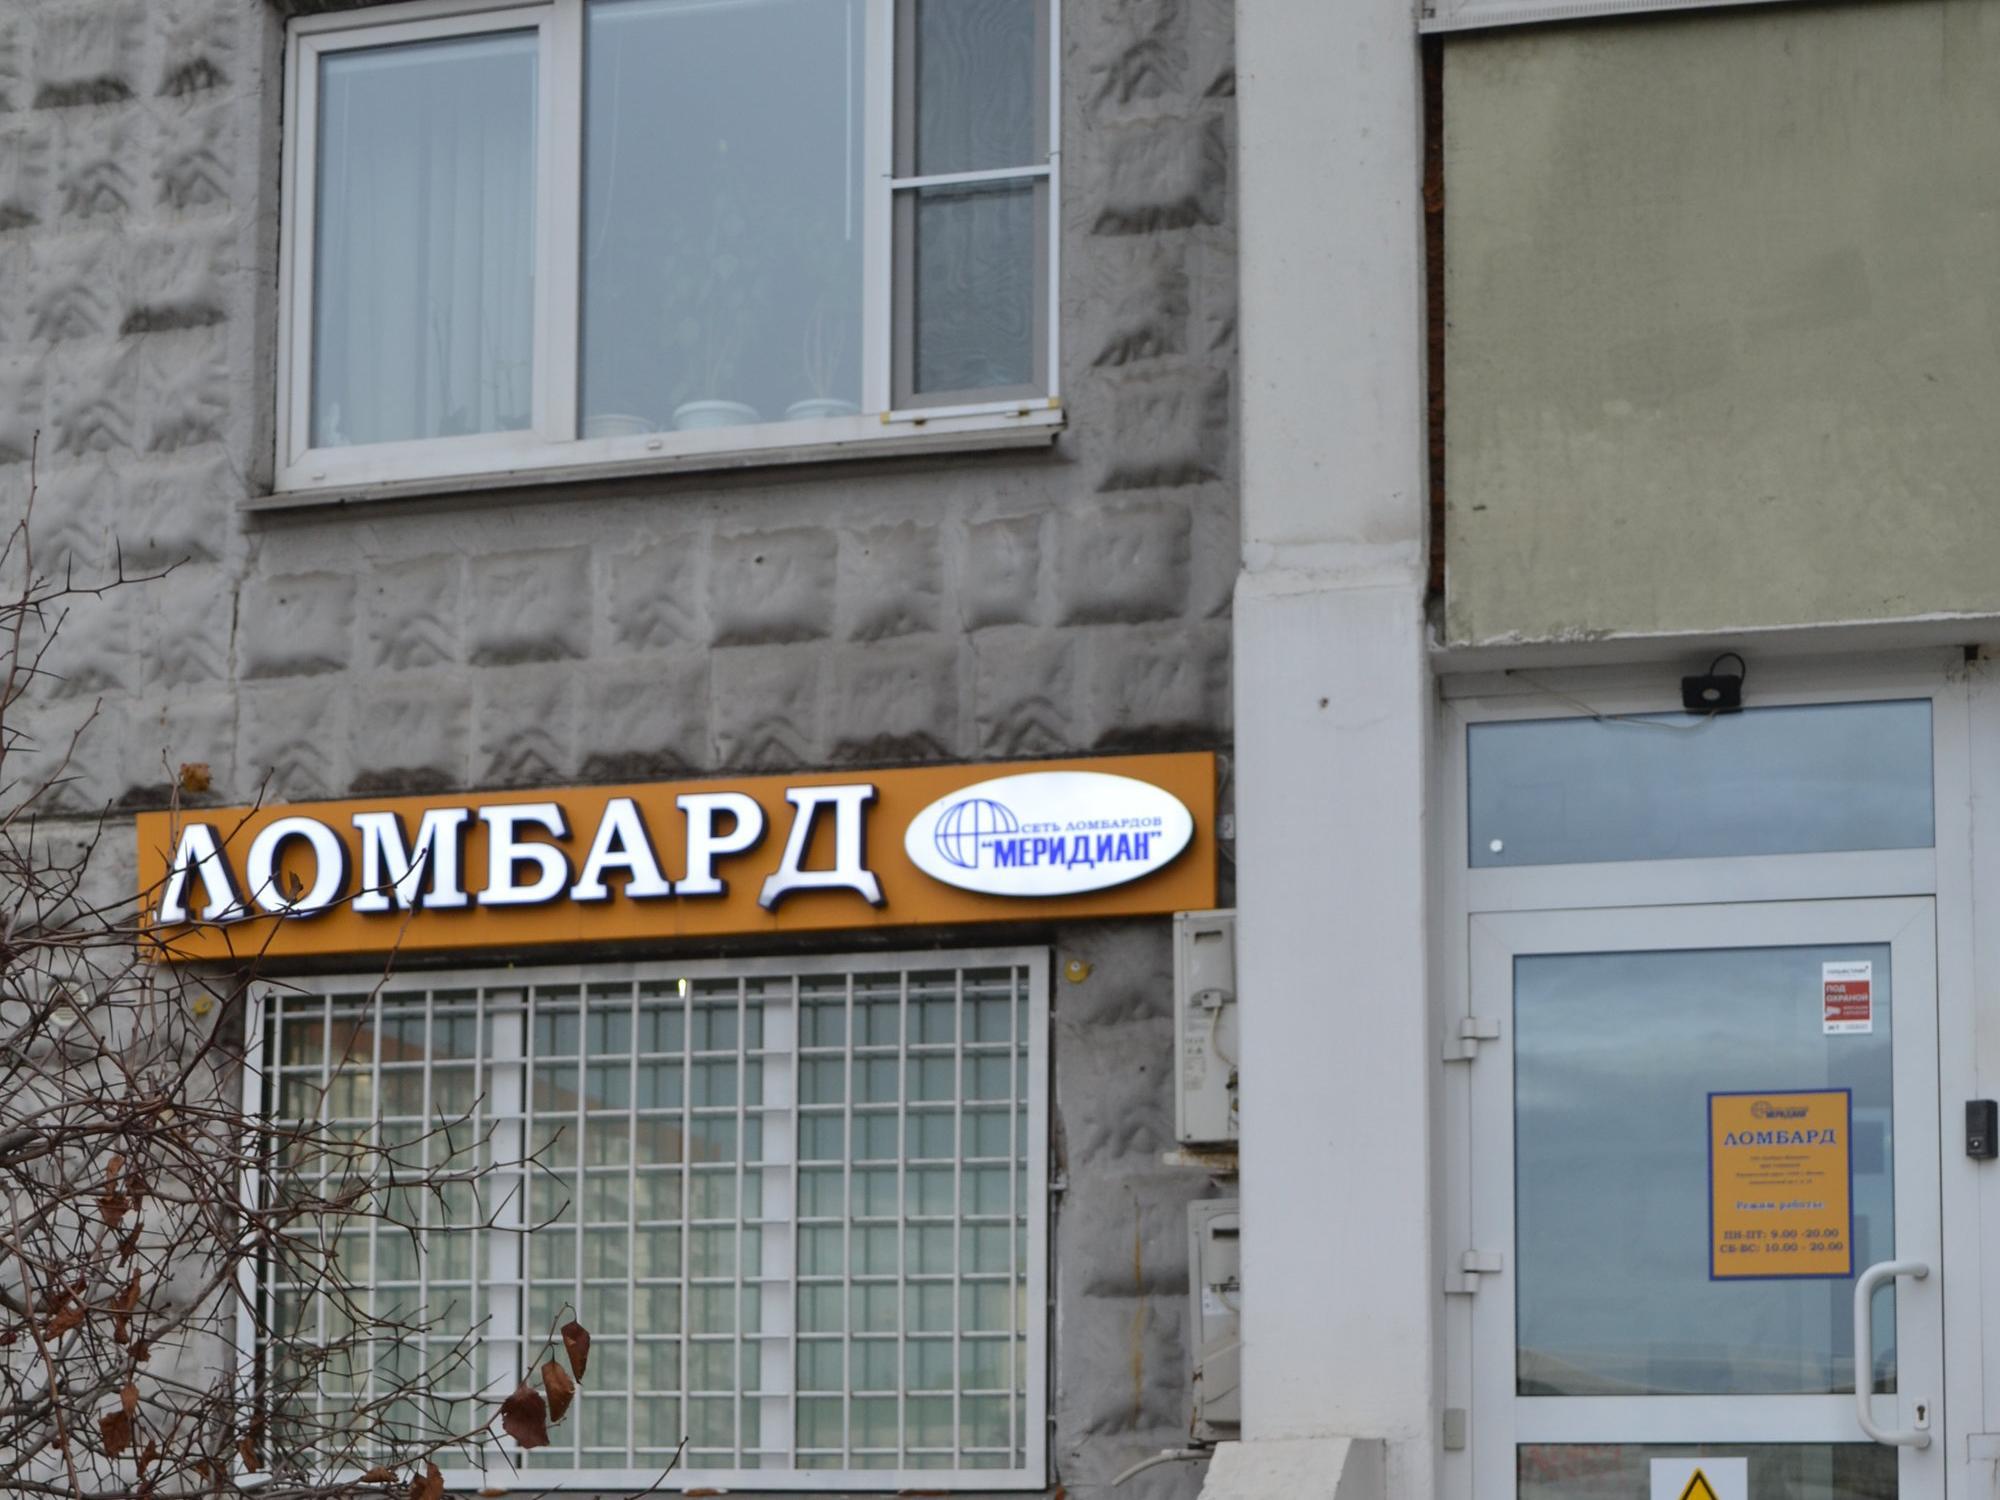 Ломбарды меридиан в москве цены смоленск автоломбард